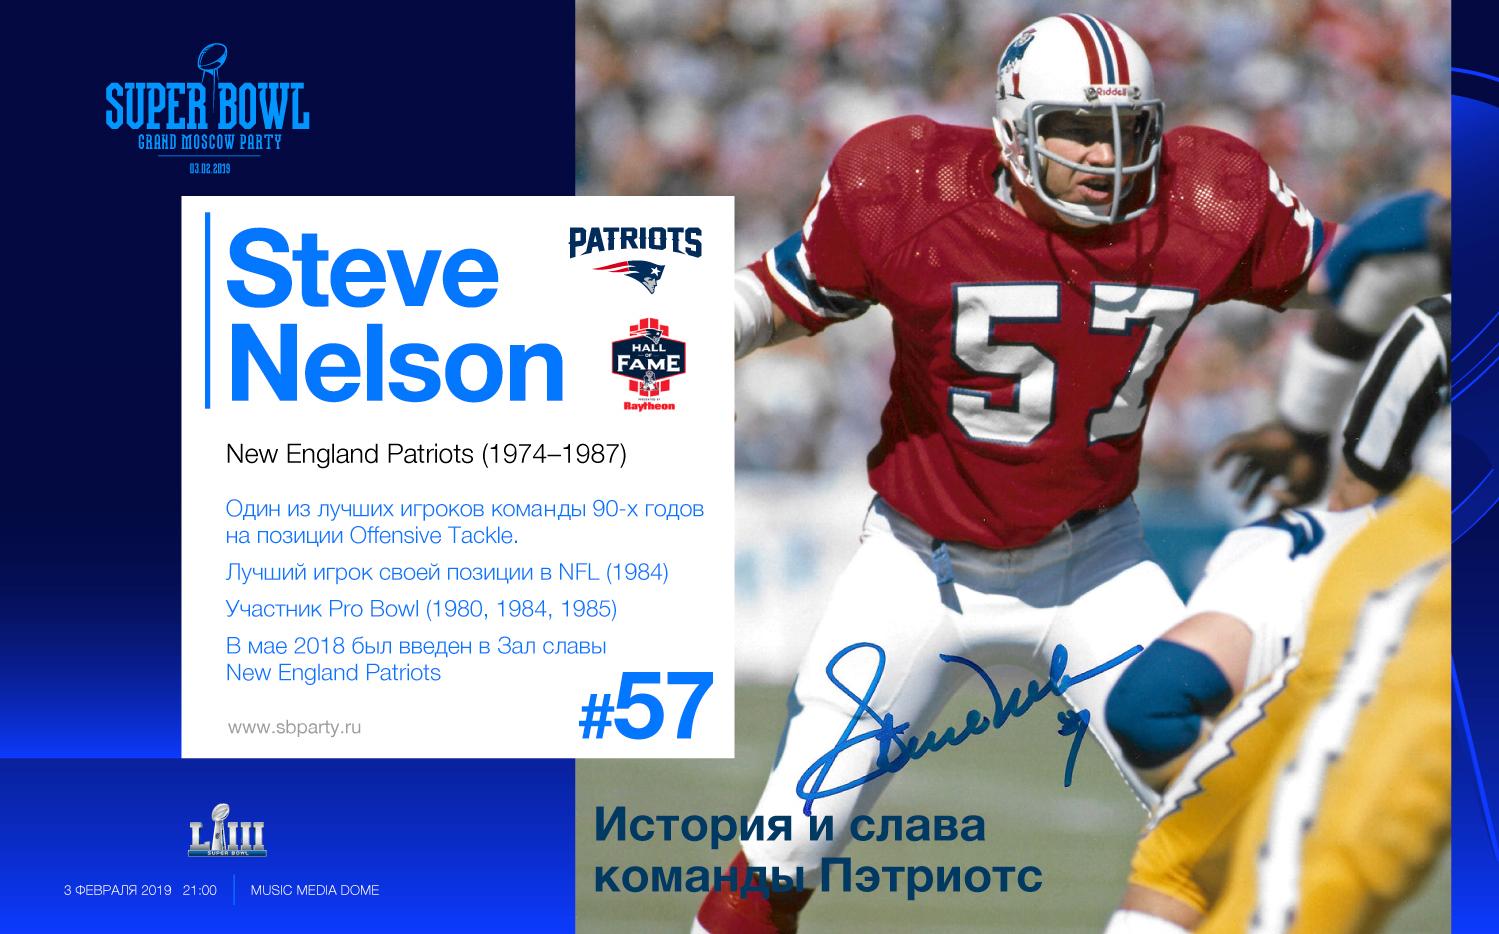 Steve-Nelson-01.jpg